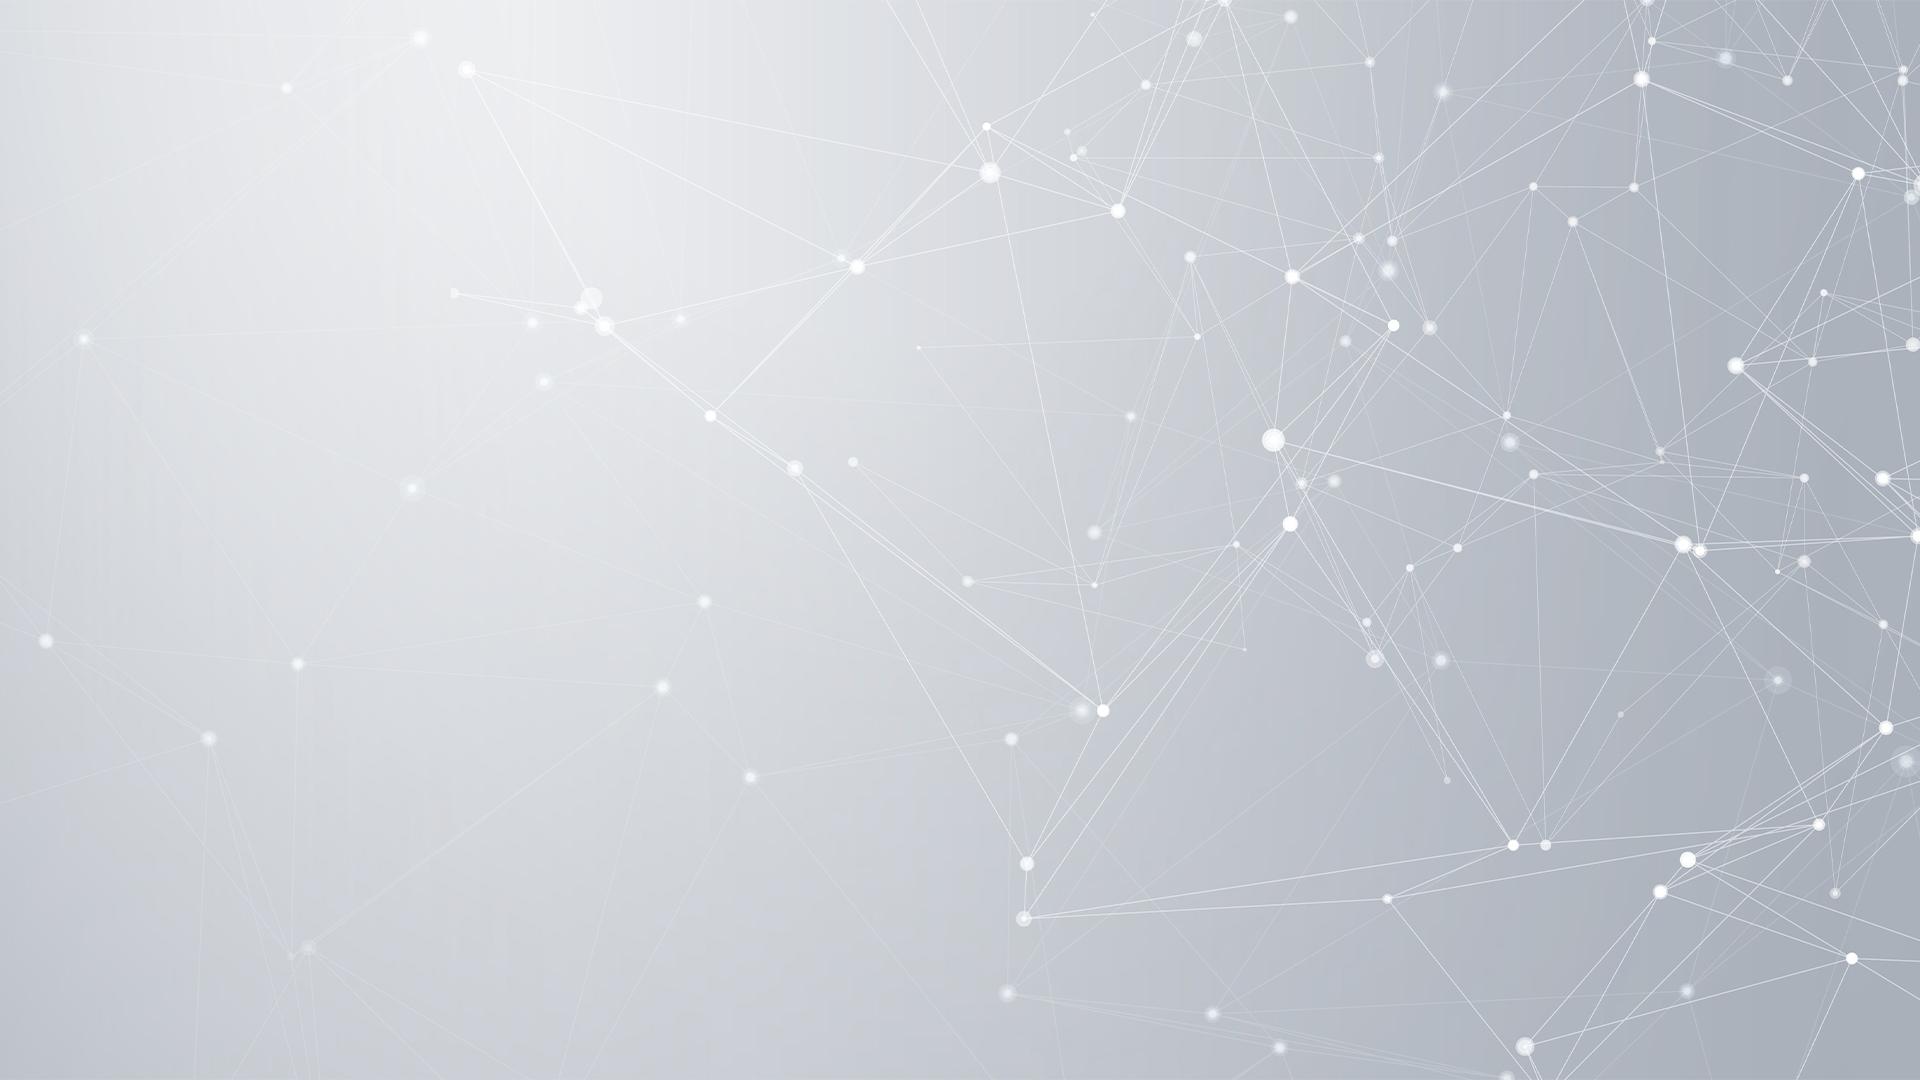 Symbolbild Vernetzung, weiße Linien vernetzen sich vor grauem Hintergrund und bilden eine Netzstruktur